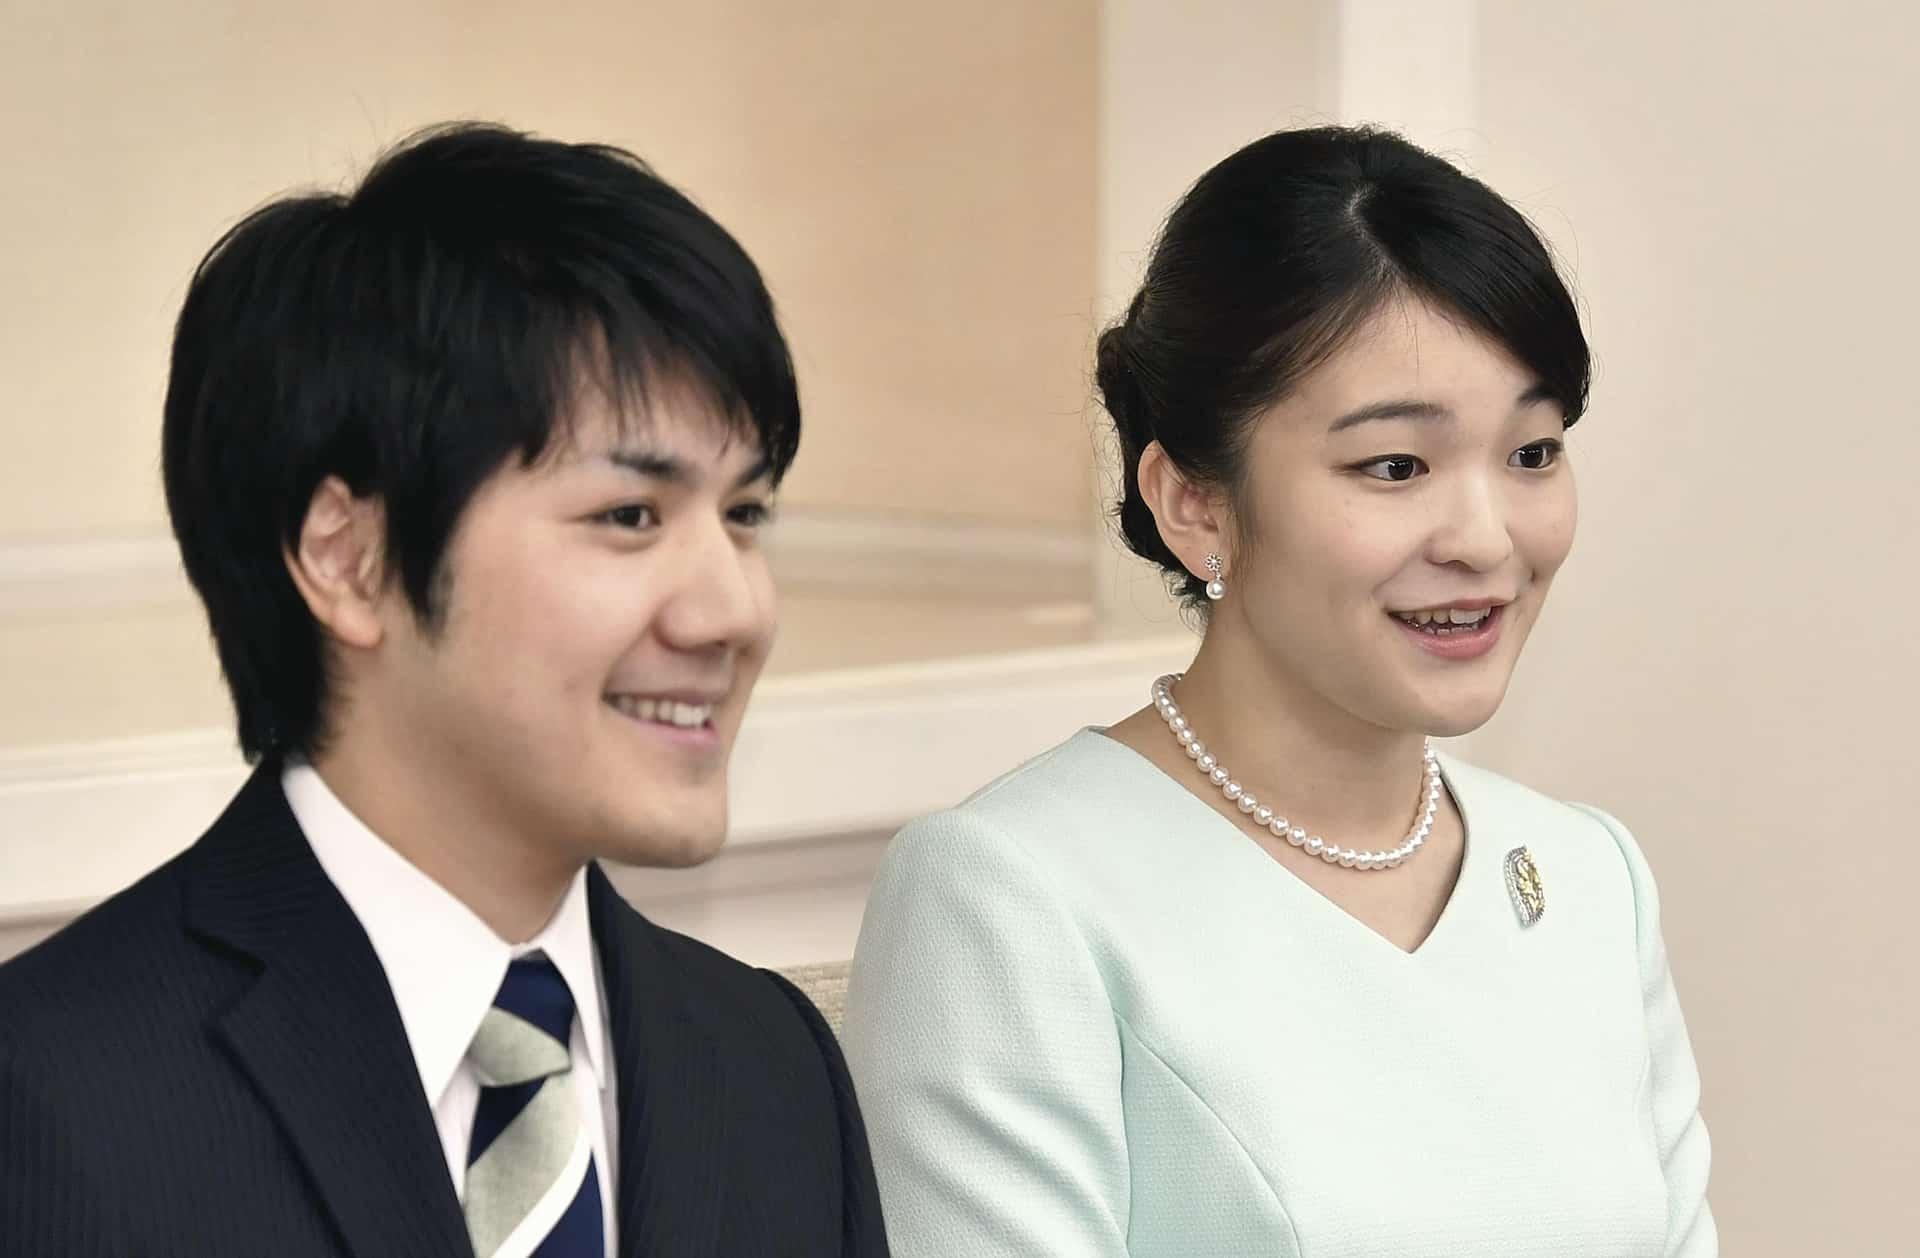 Prinzessin Mako: Endlich! Sie darf ihren Verlobten heiraten